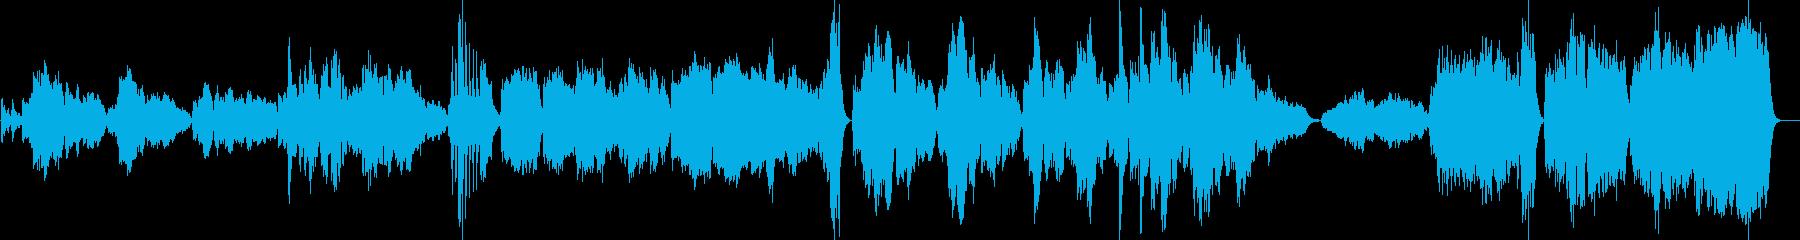 ハチャトゥリアン風のオーケストラワルツの再生済みの波形